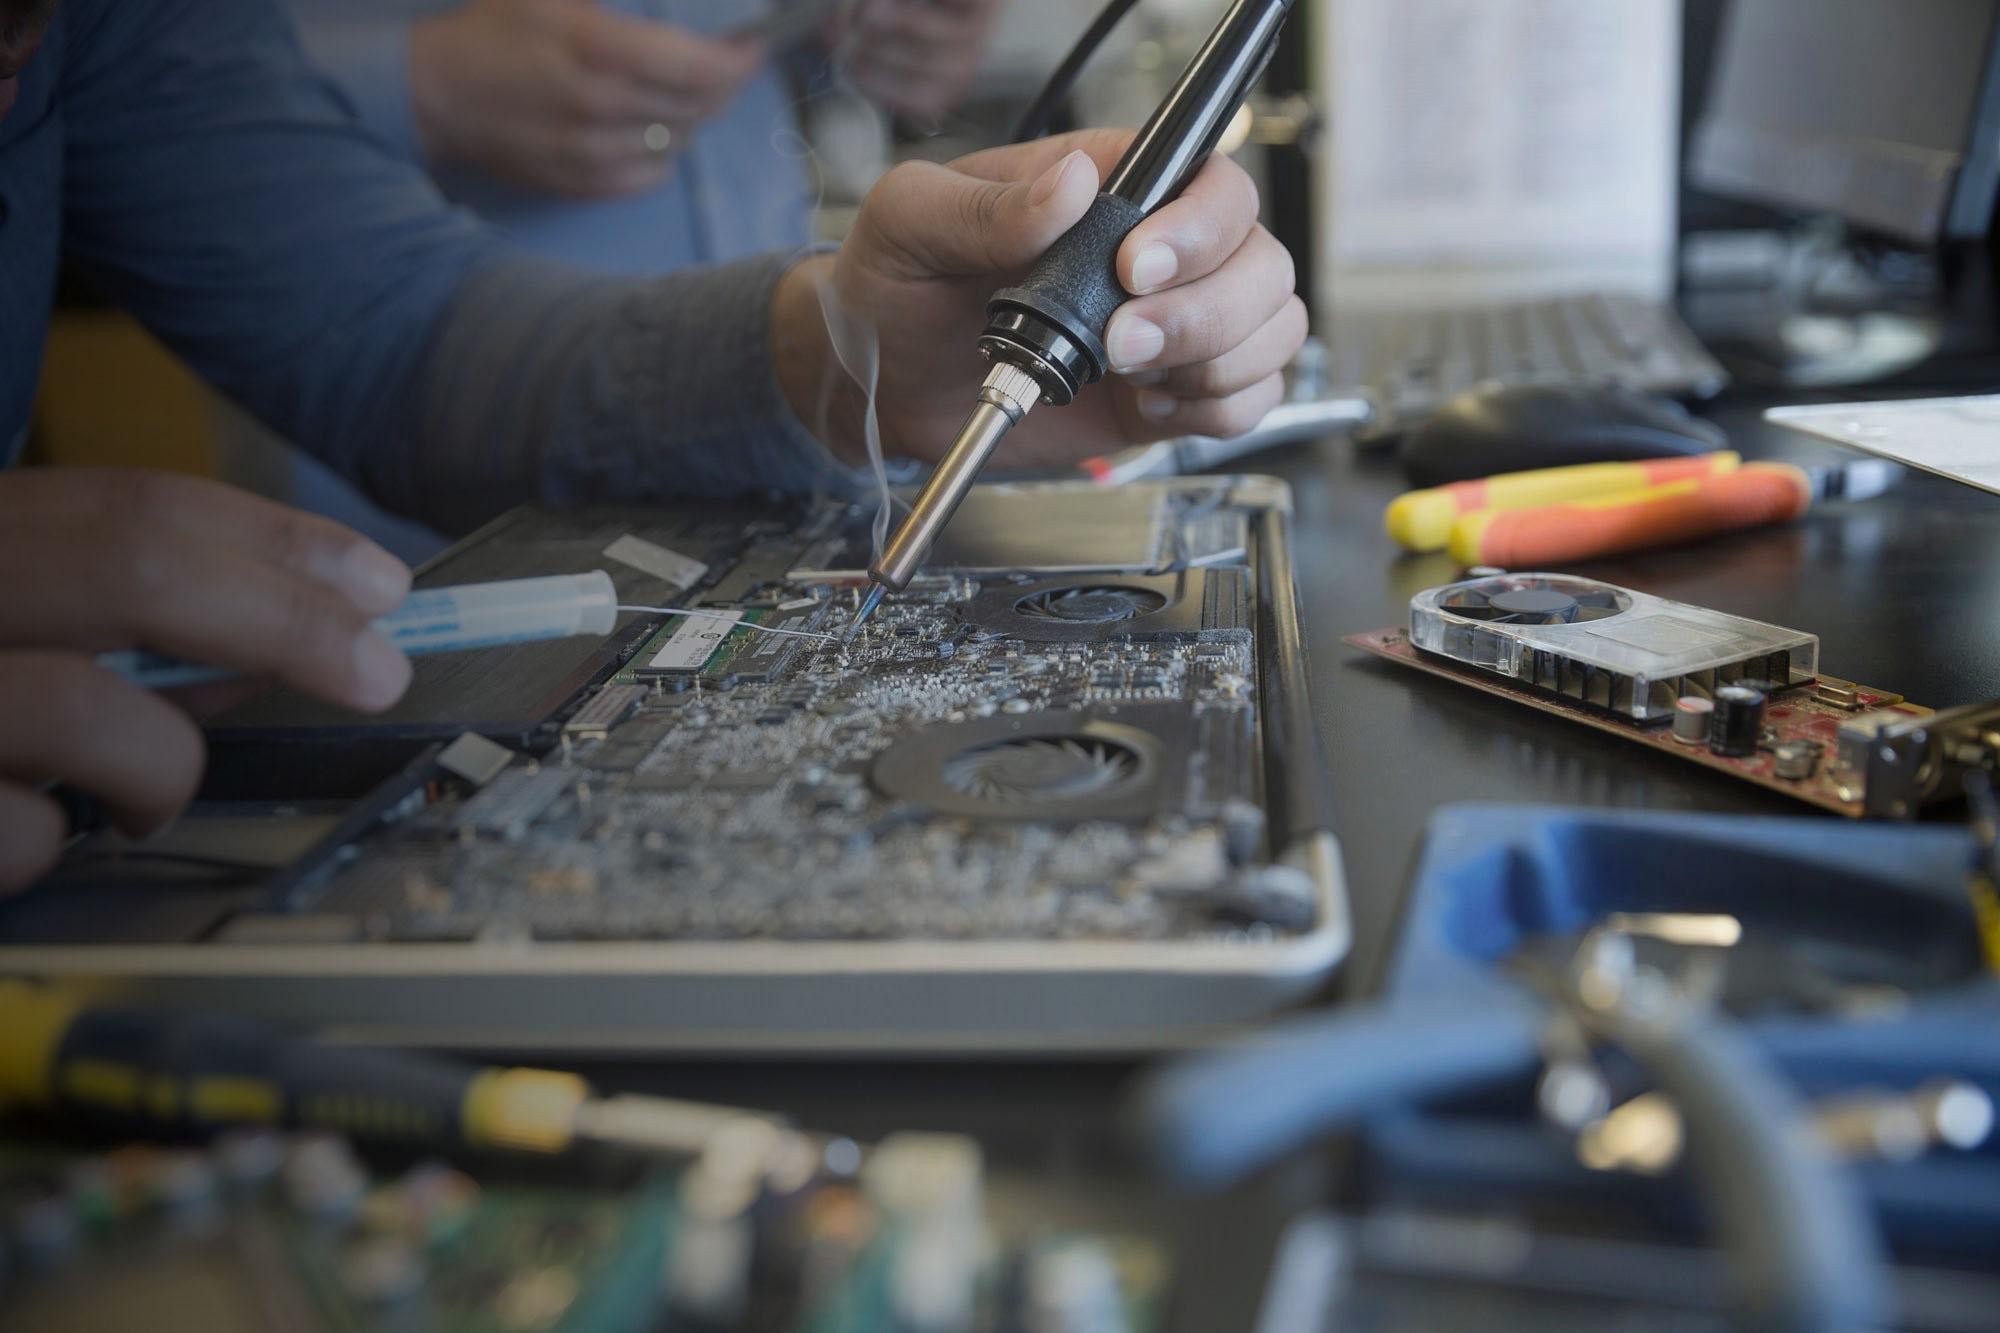 apple-macbook-repair-cracked-screen-repa